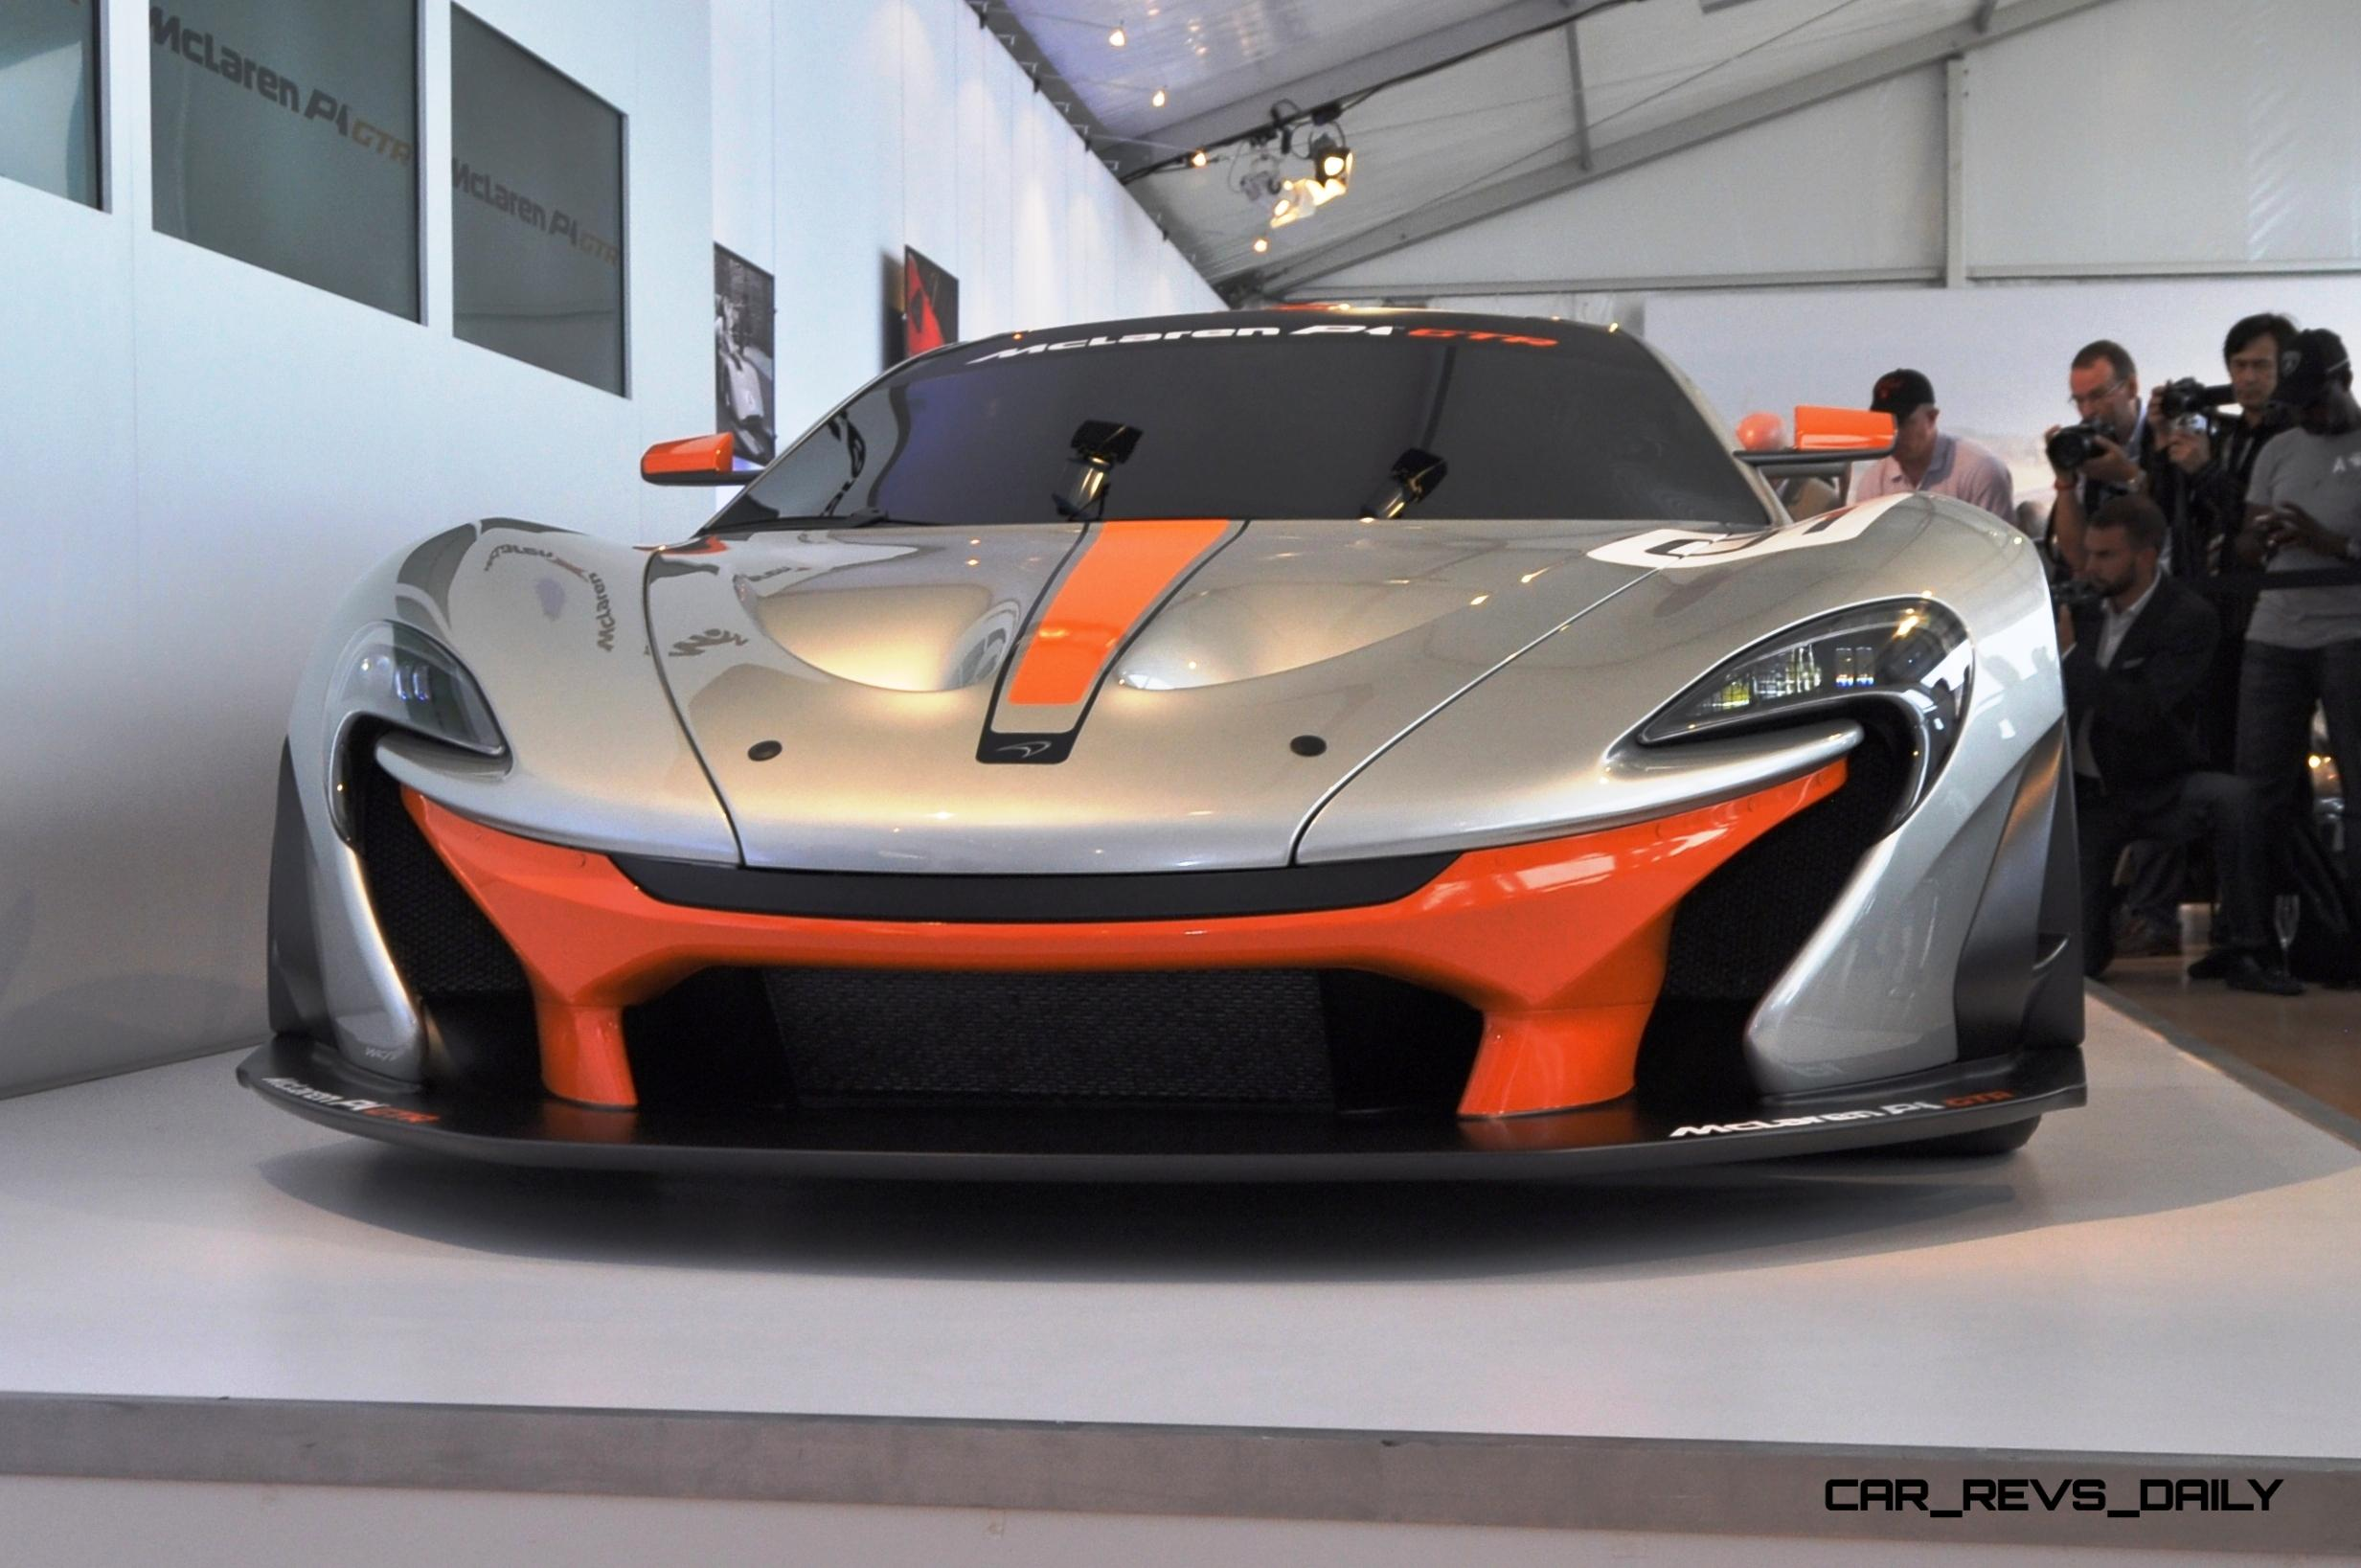 2015 McLaren P1 GTR - Pebble Beach World Debut in 55 High-Res Photos 16